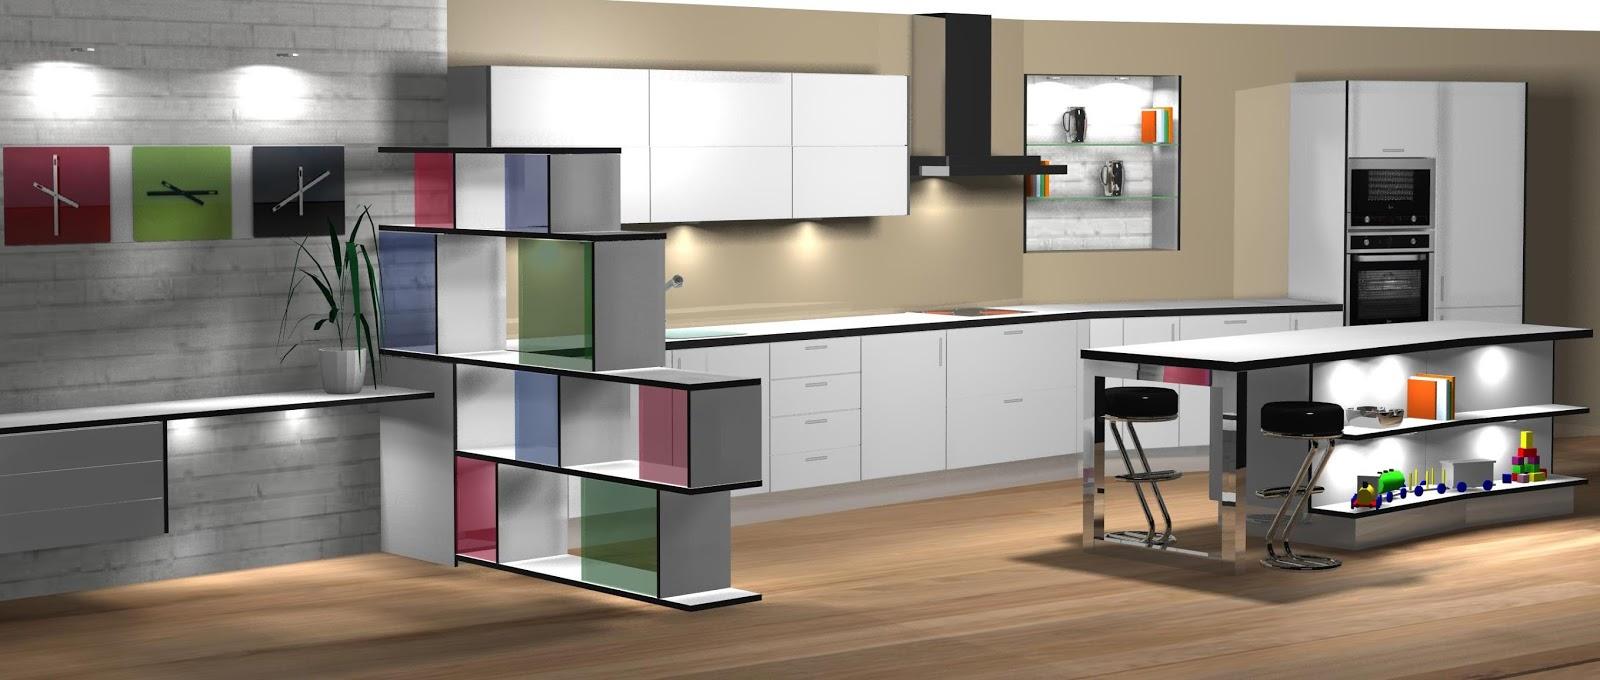 Diseño muebles de cocina: Diseño de cocina comedor lacado en ...